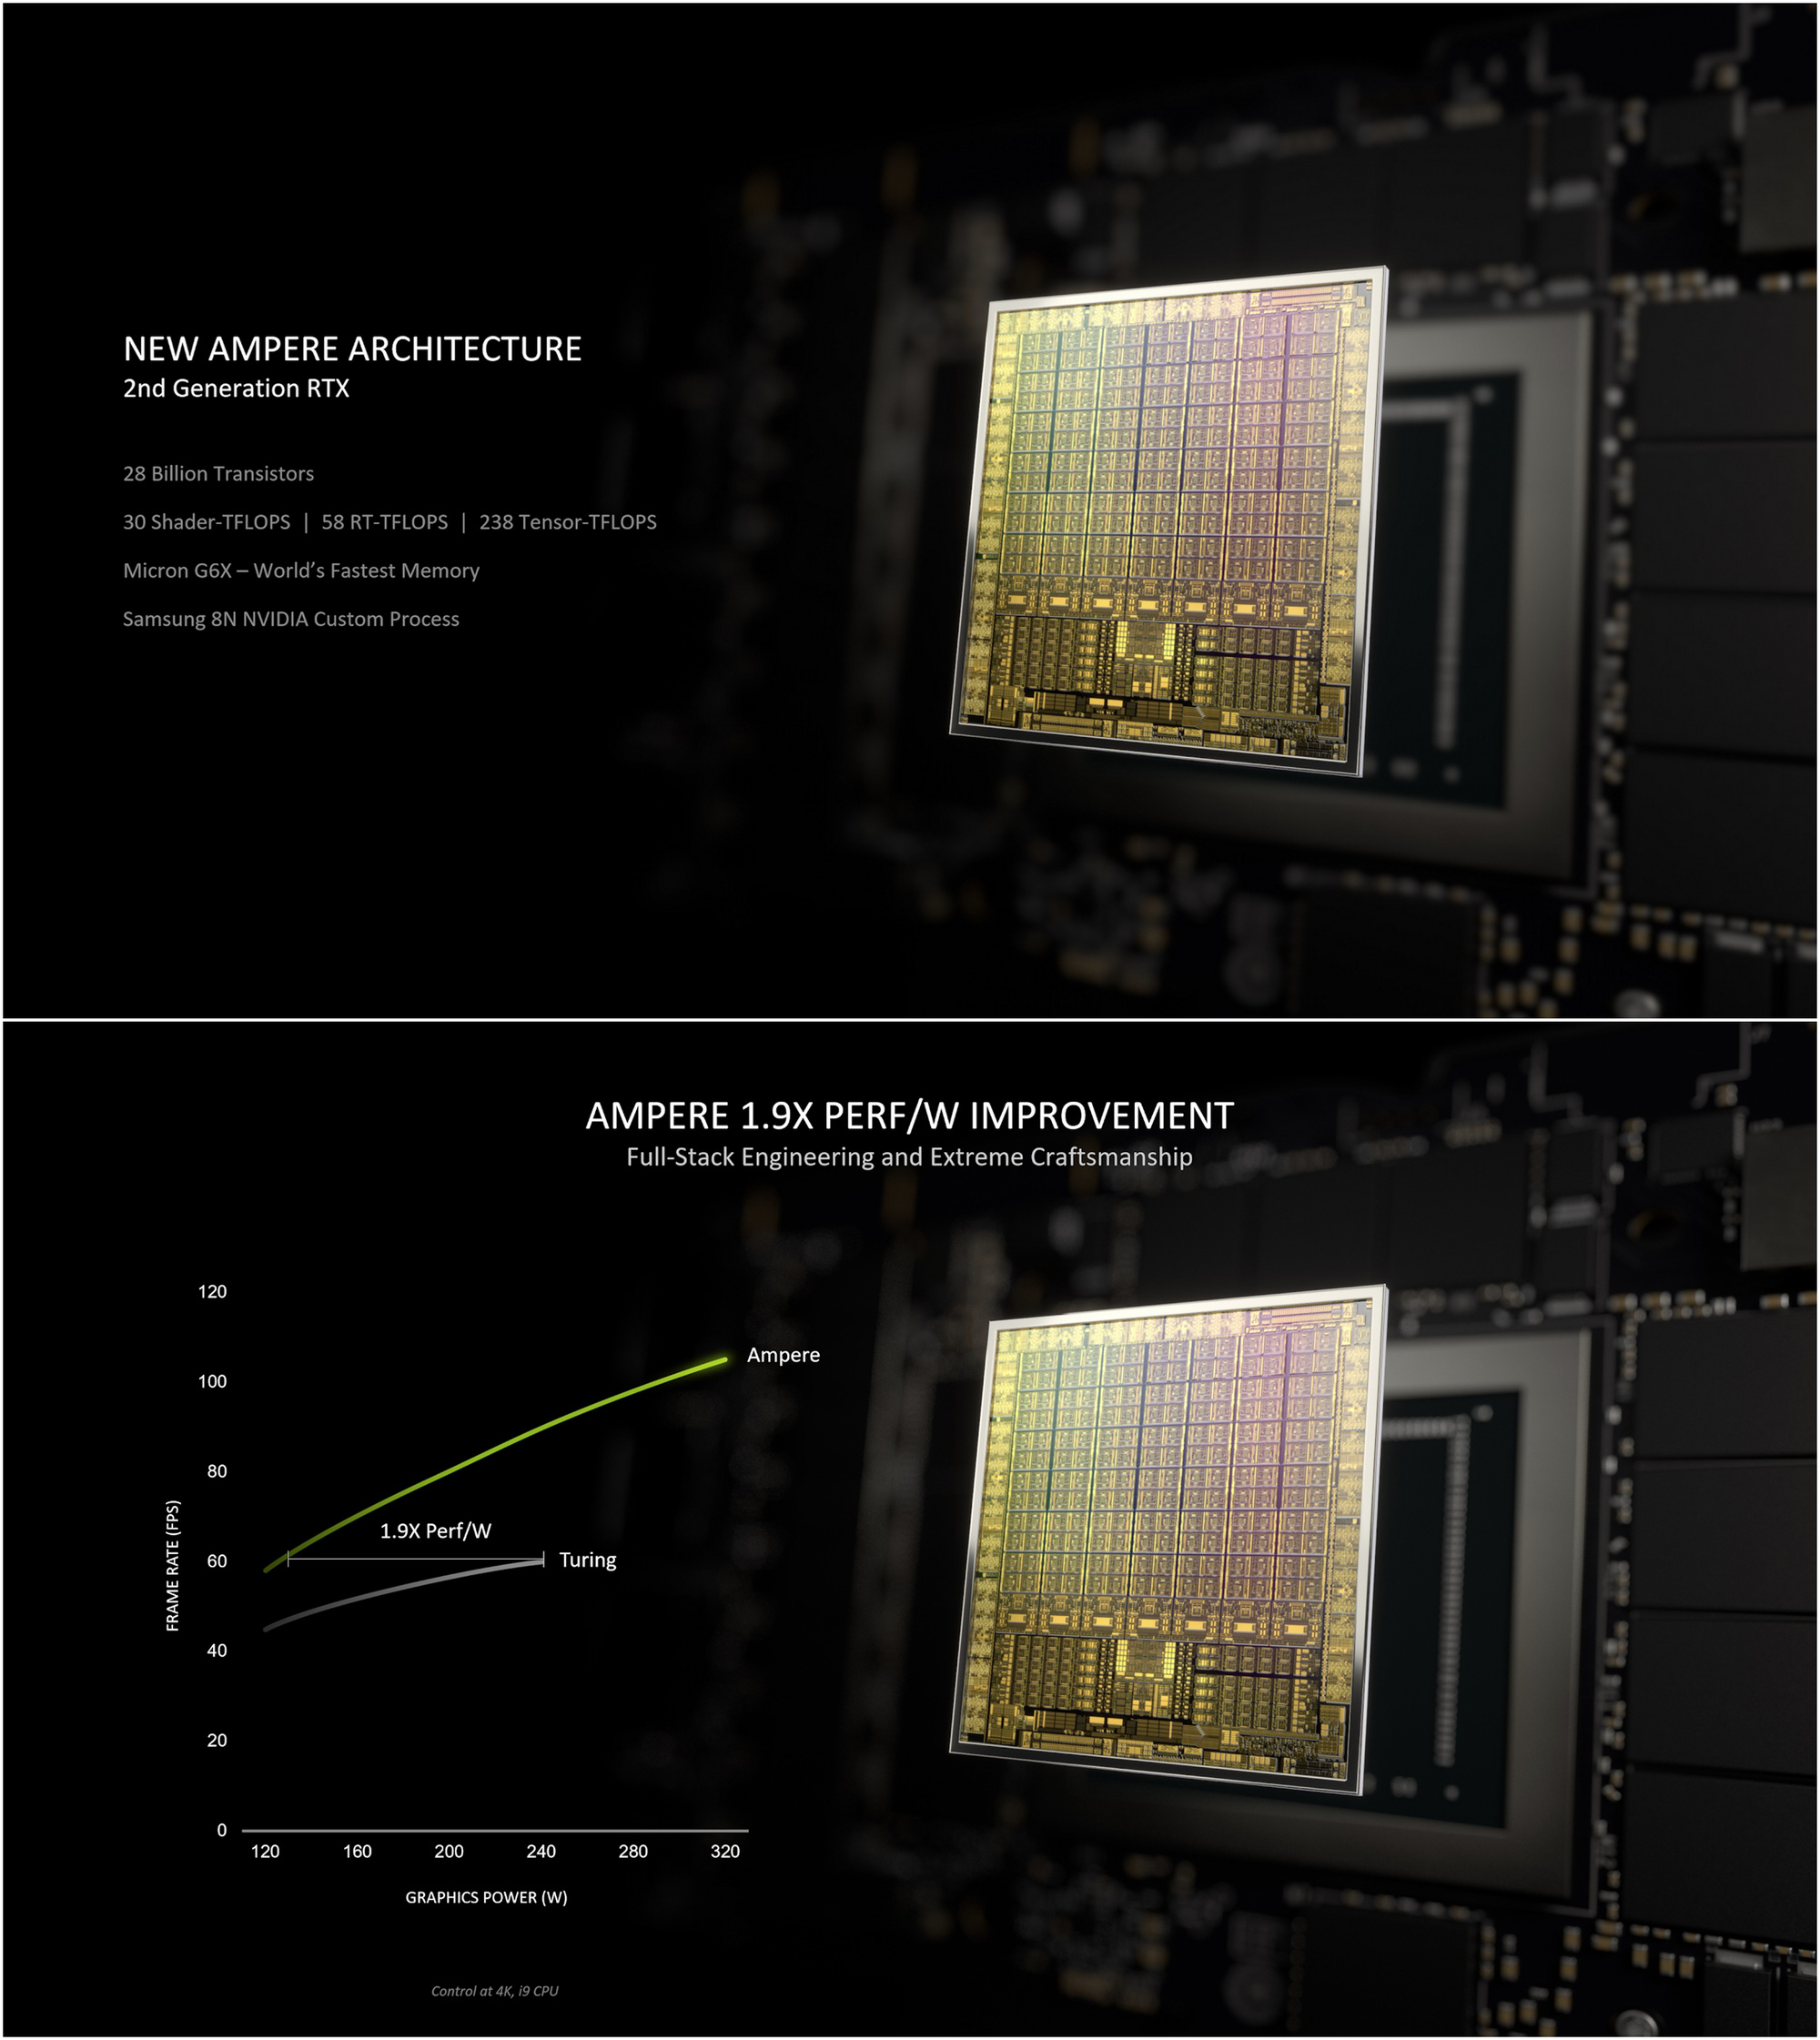 Những tính năng tuyệt đỉnh đã biến NVIDIA RTX 30 trở thành vũ khí hoàn hảo cho các game thủ - Ảnh 1.